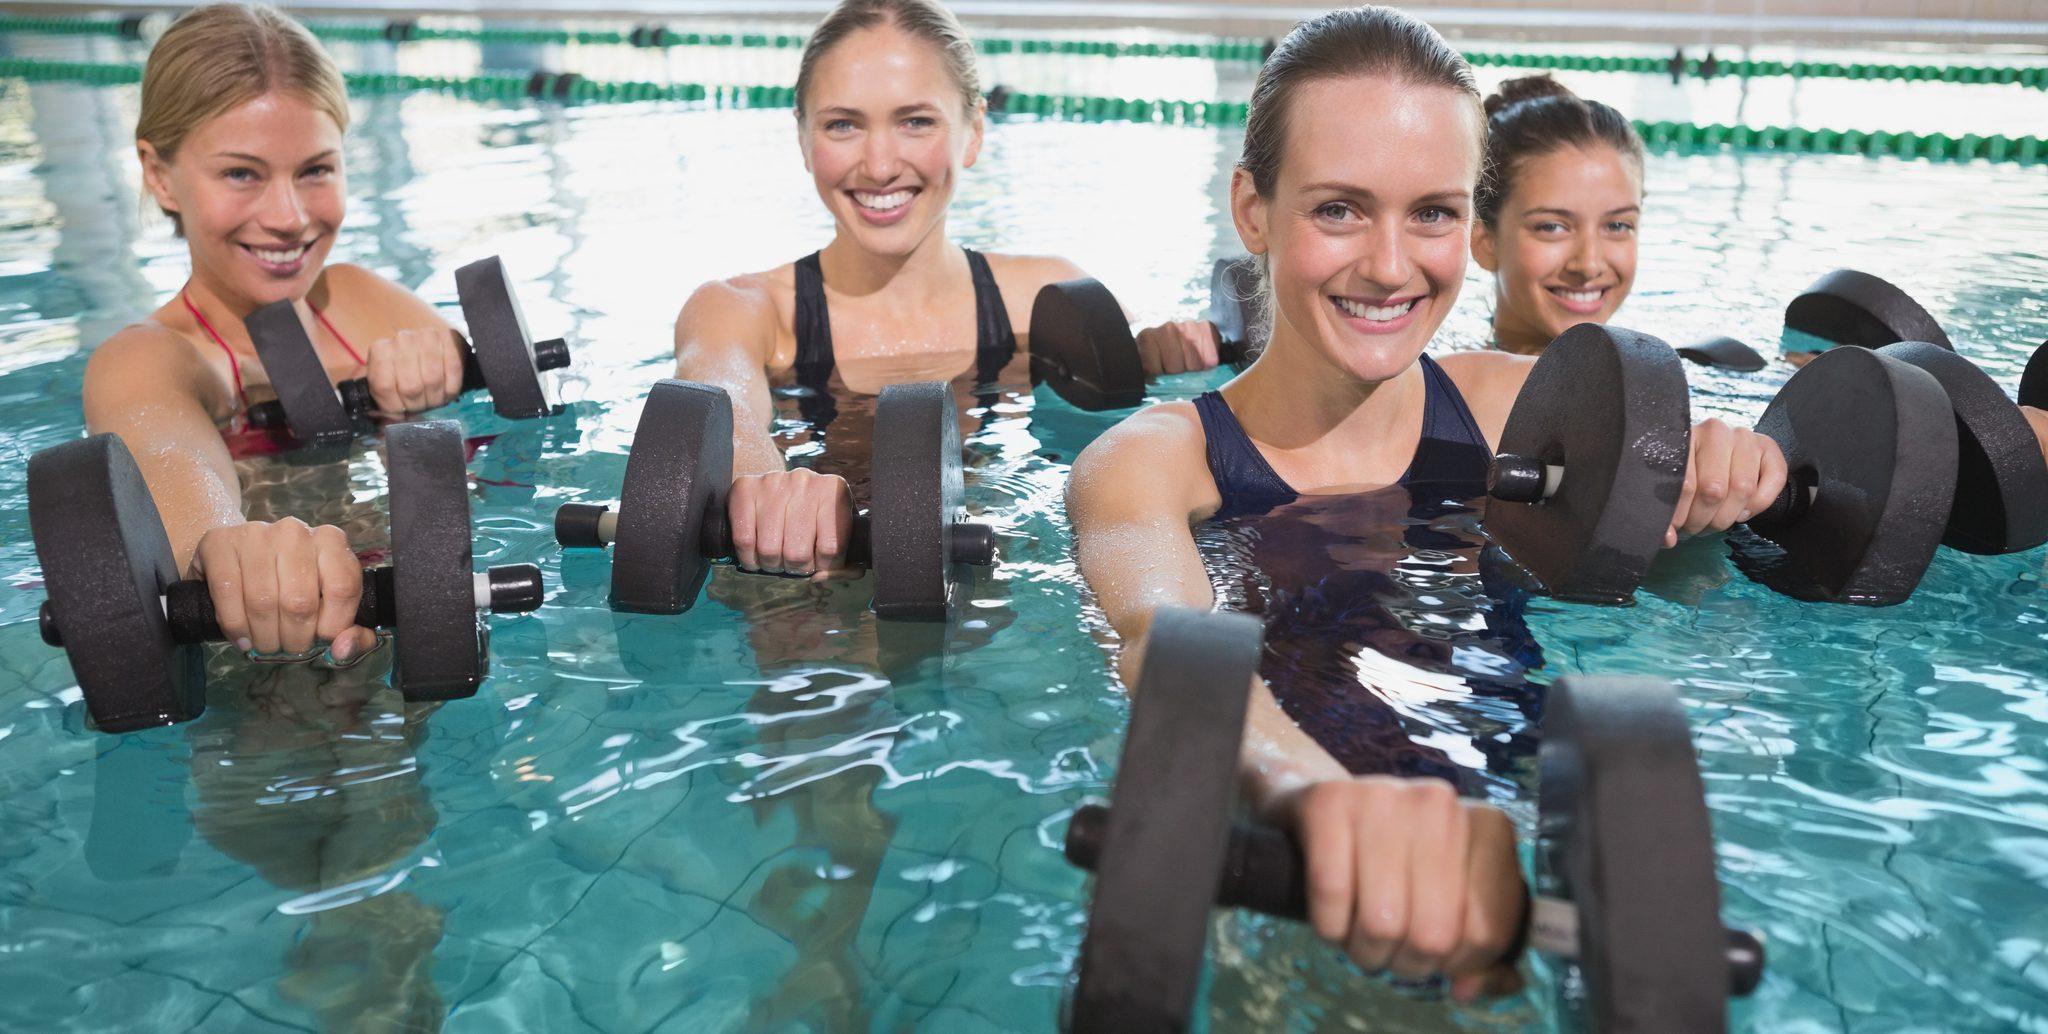 Aquaerobics at the Y